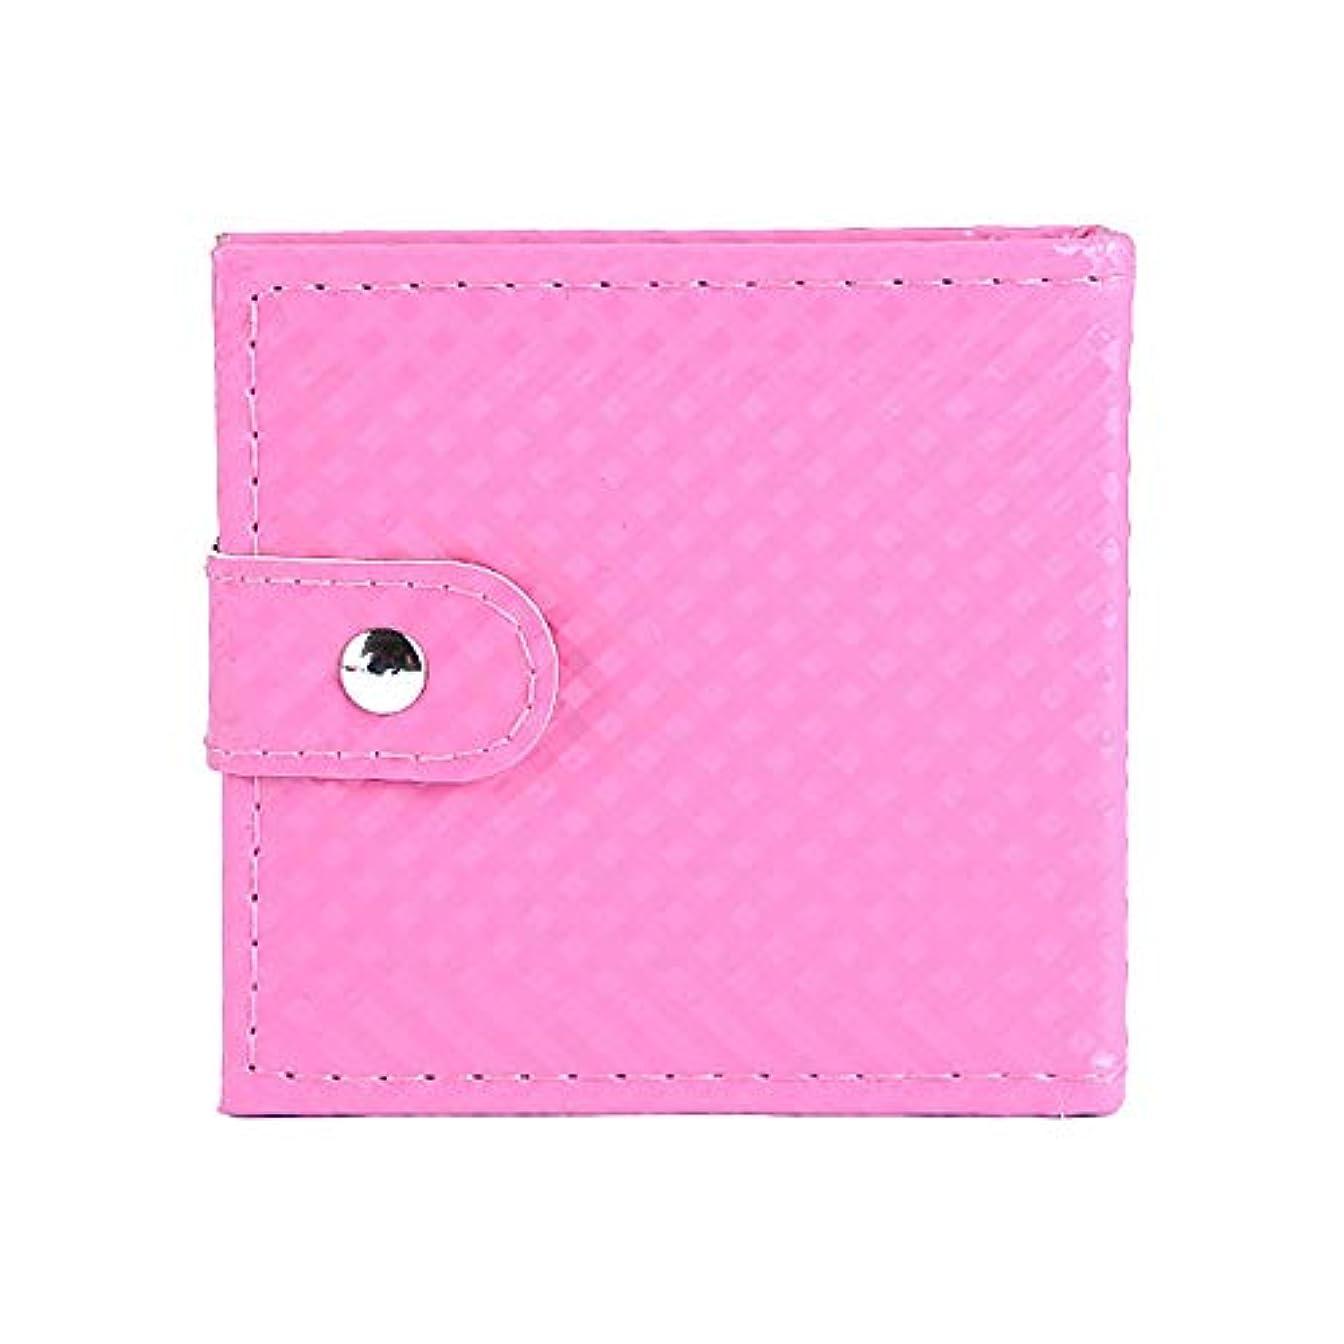 コミュニケーション水没とは異なりAkane アイシャドウパレット 可愛い 魅力的 ファッション 人気 気質的 グロス 持ち便利 チャーム 防水 長持ち おしゃれ Eye Shadow (32色) YYP